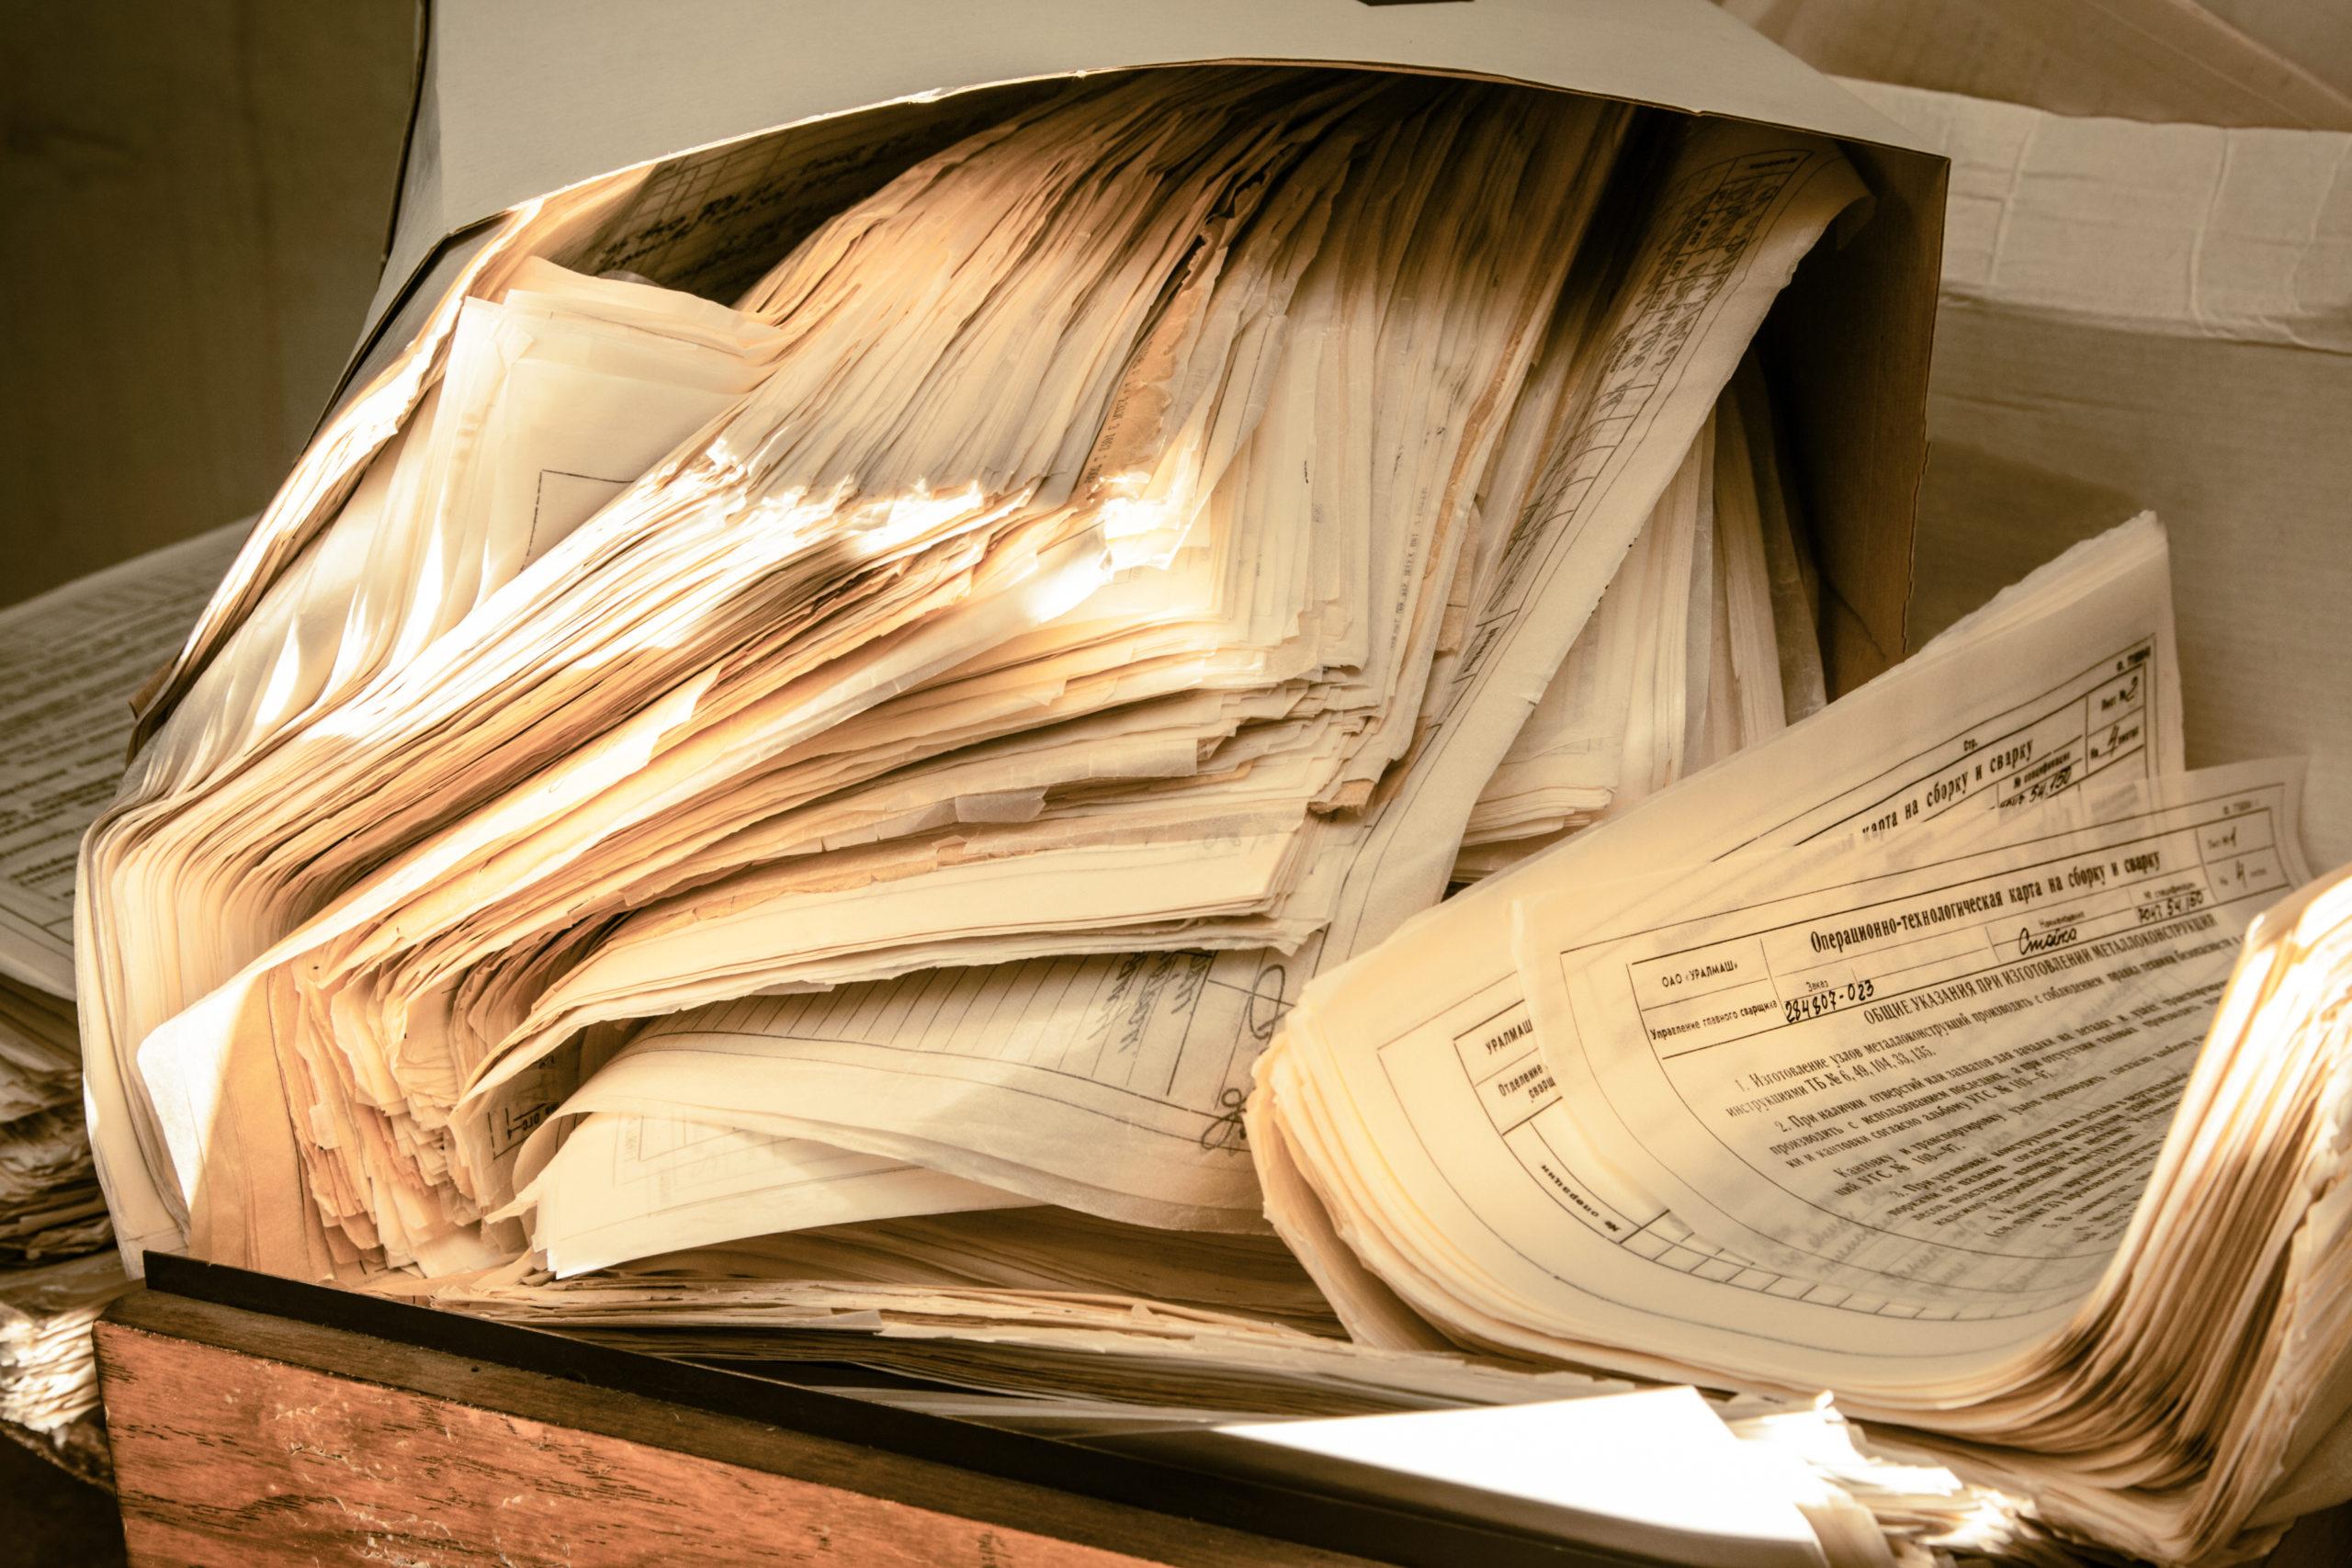 osuszanie pozalaniu - osuszanie dokumentów